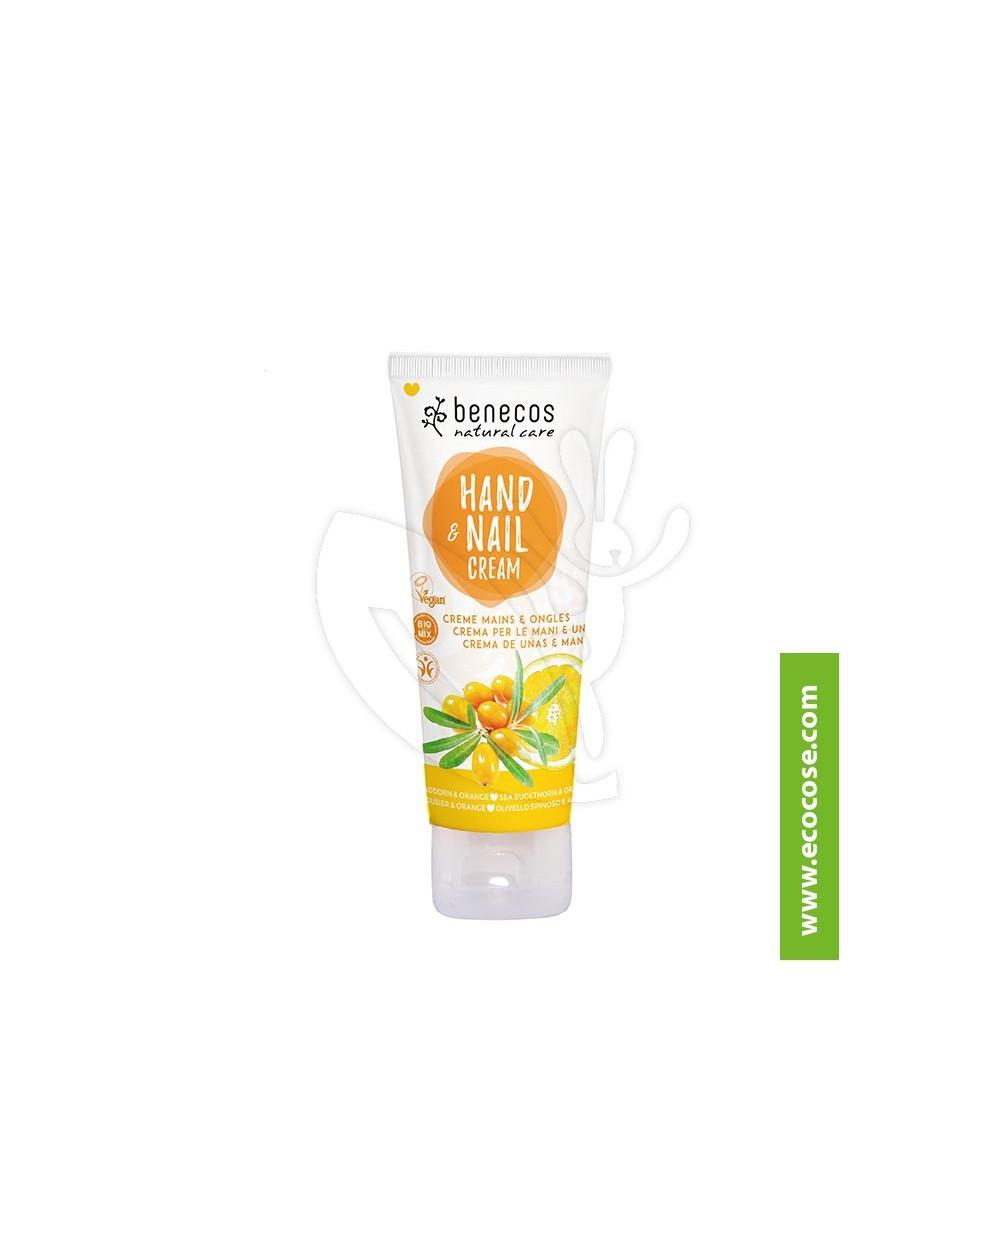 Benecos - Natural Care - Crema mani e unghie Olivello Spinoso e Arancio